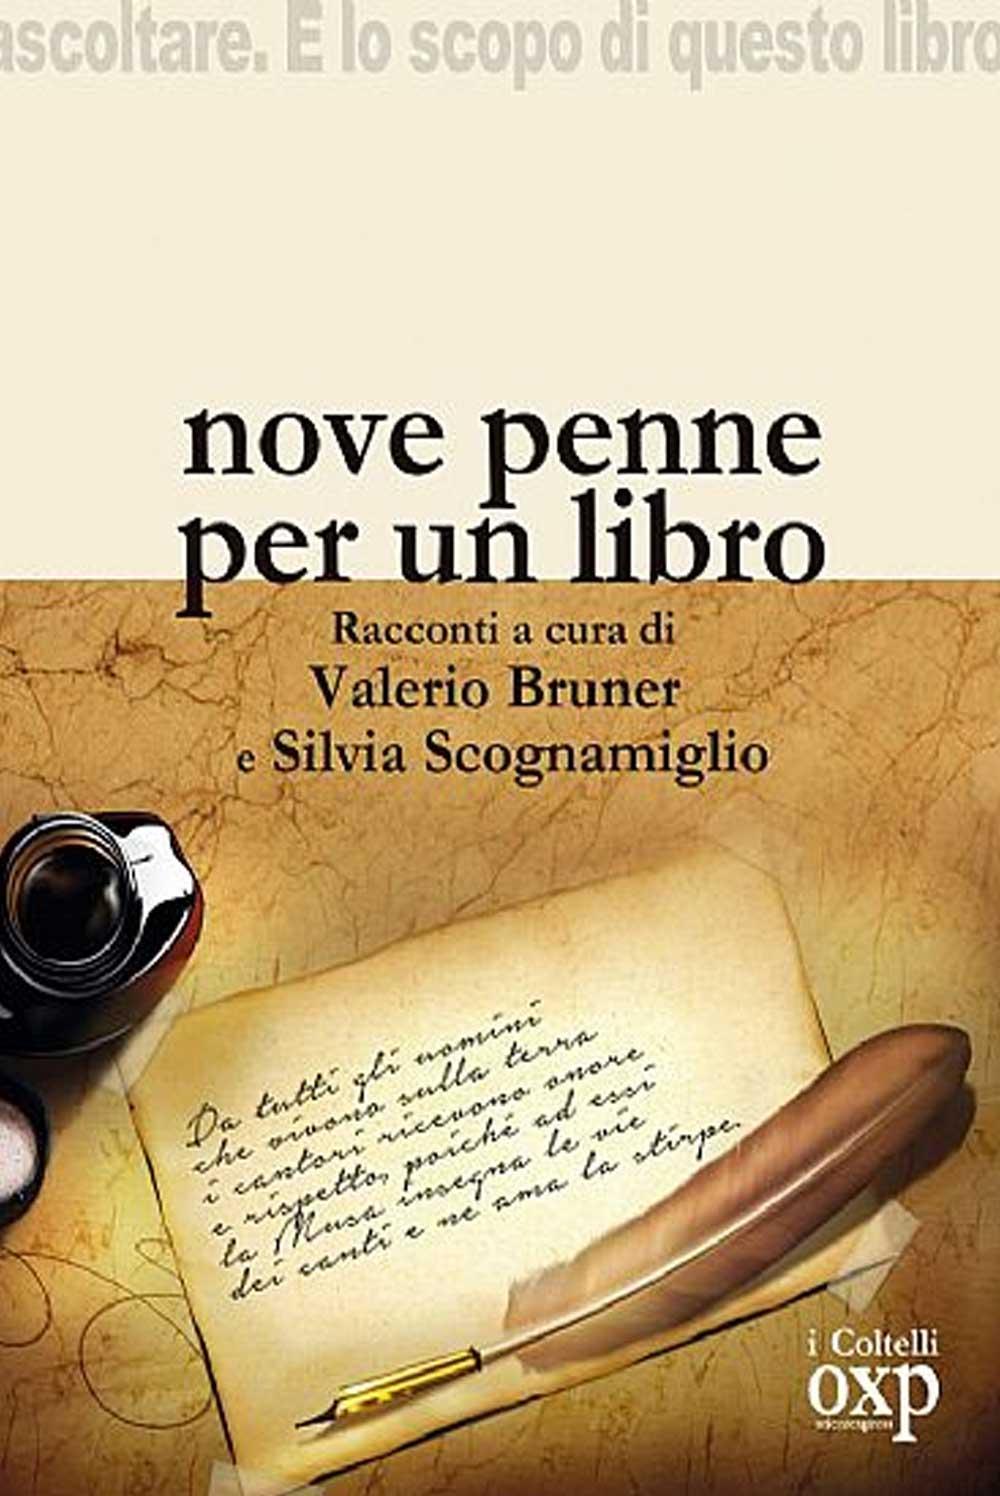 Nove penne per un libro, a cura di V. Bruner e S. Scognamiglio, di AutoriVari (I Coltelli, 2014)